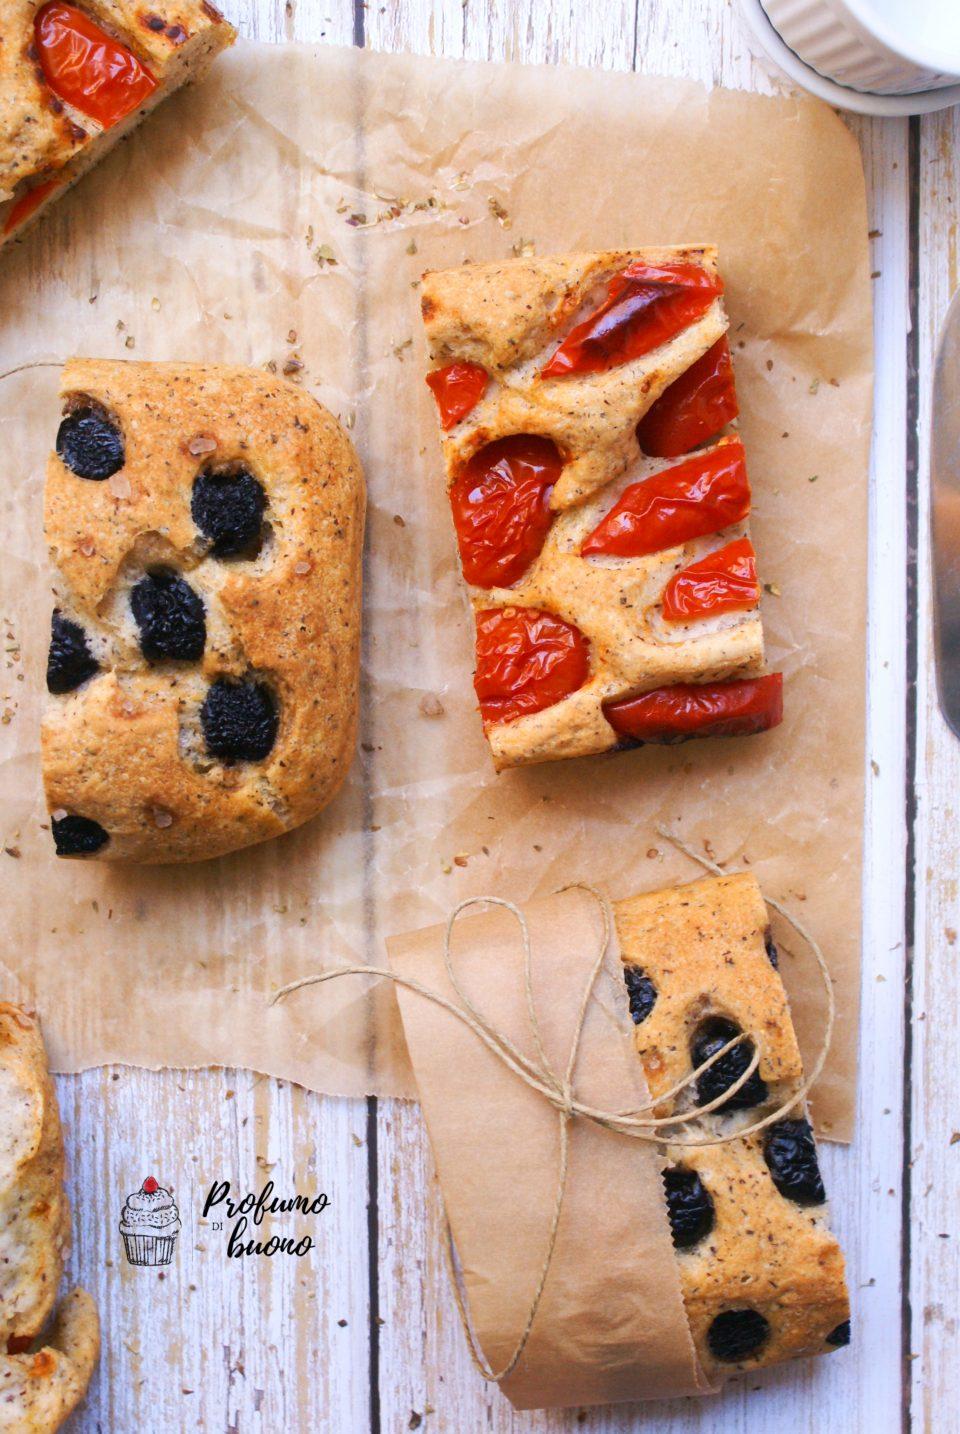 Pan focaccia senza glutine con pomodorini, olive nere, origano e sale grosso